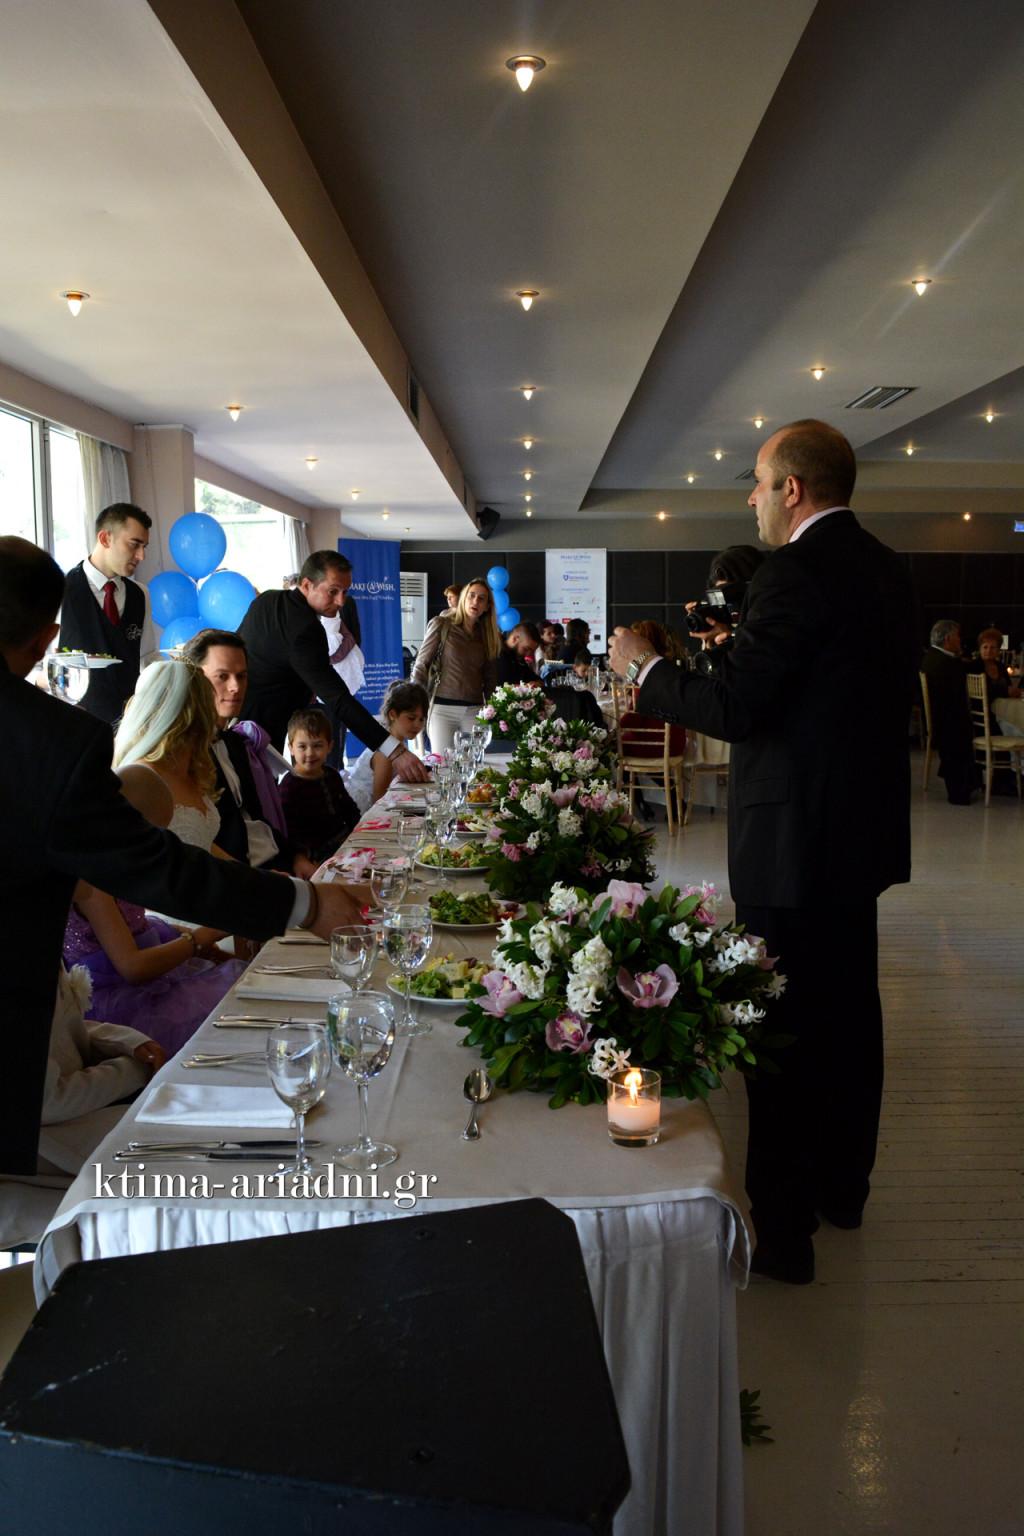 Η ώρα του σερβιρίσματος στο νυφικό τραπέζι. Η κουμπάρα Σπυριδούλα κάθεται ευτυχισμένη δίπλα στην νύφη Μπάρμπι